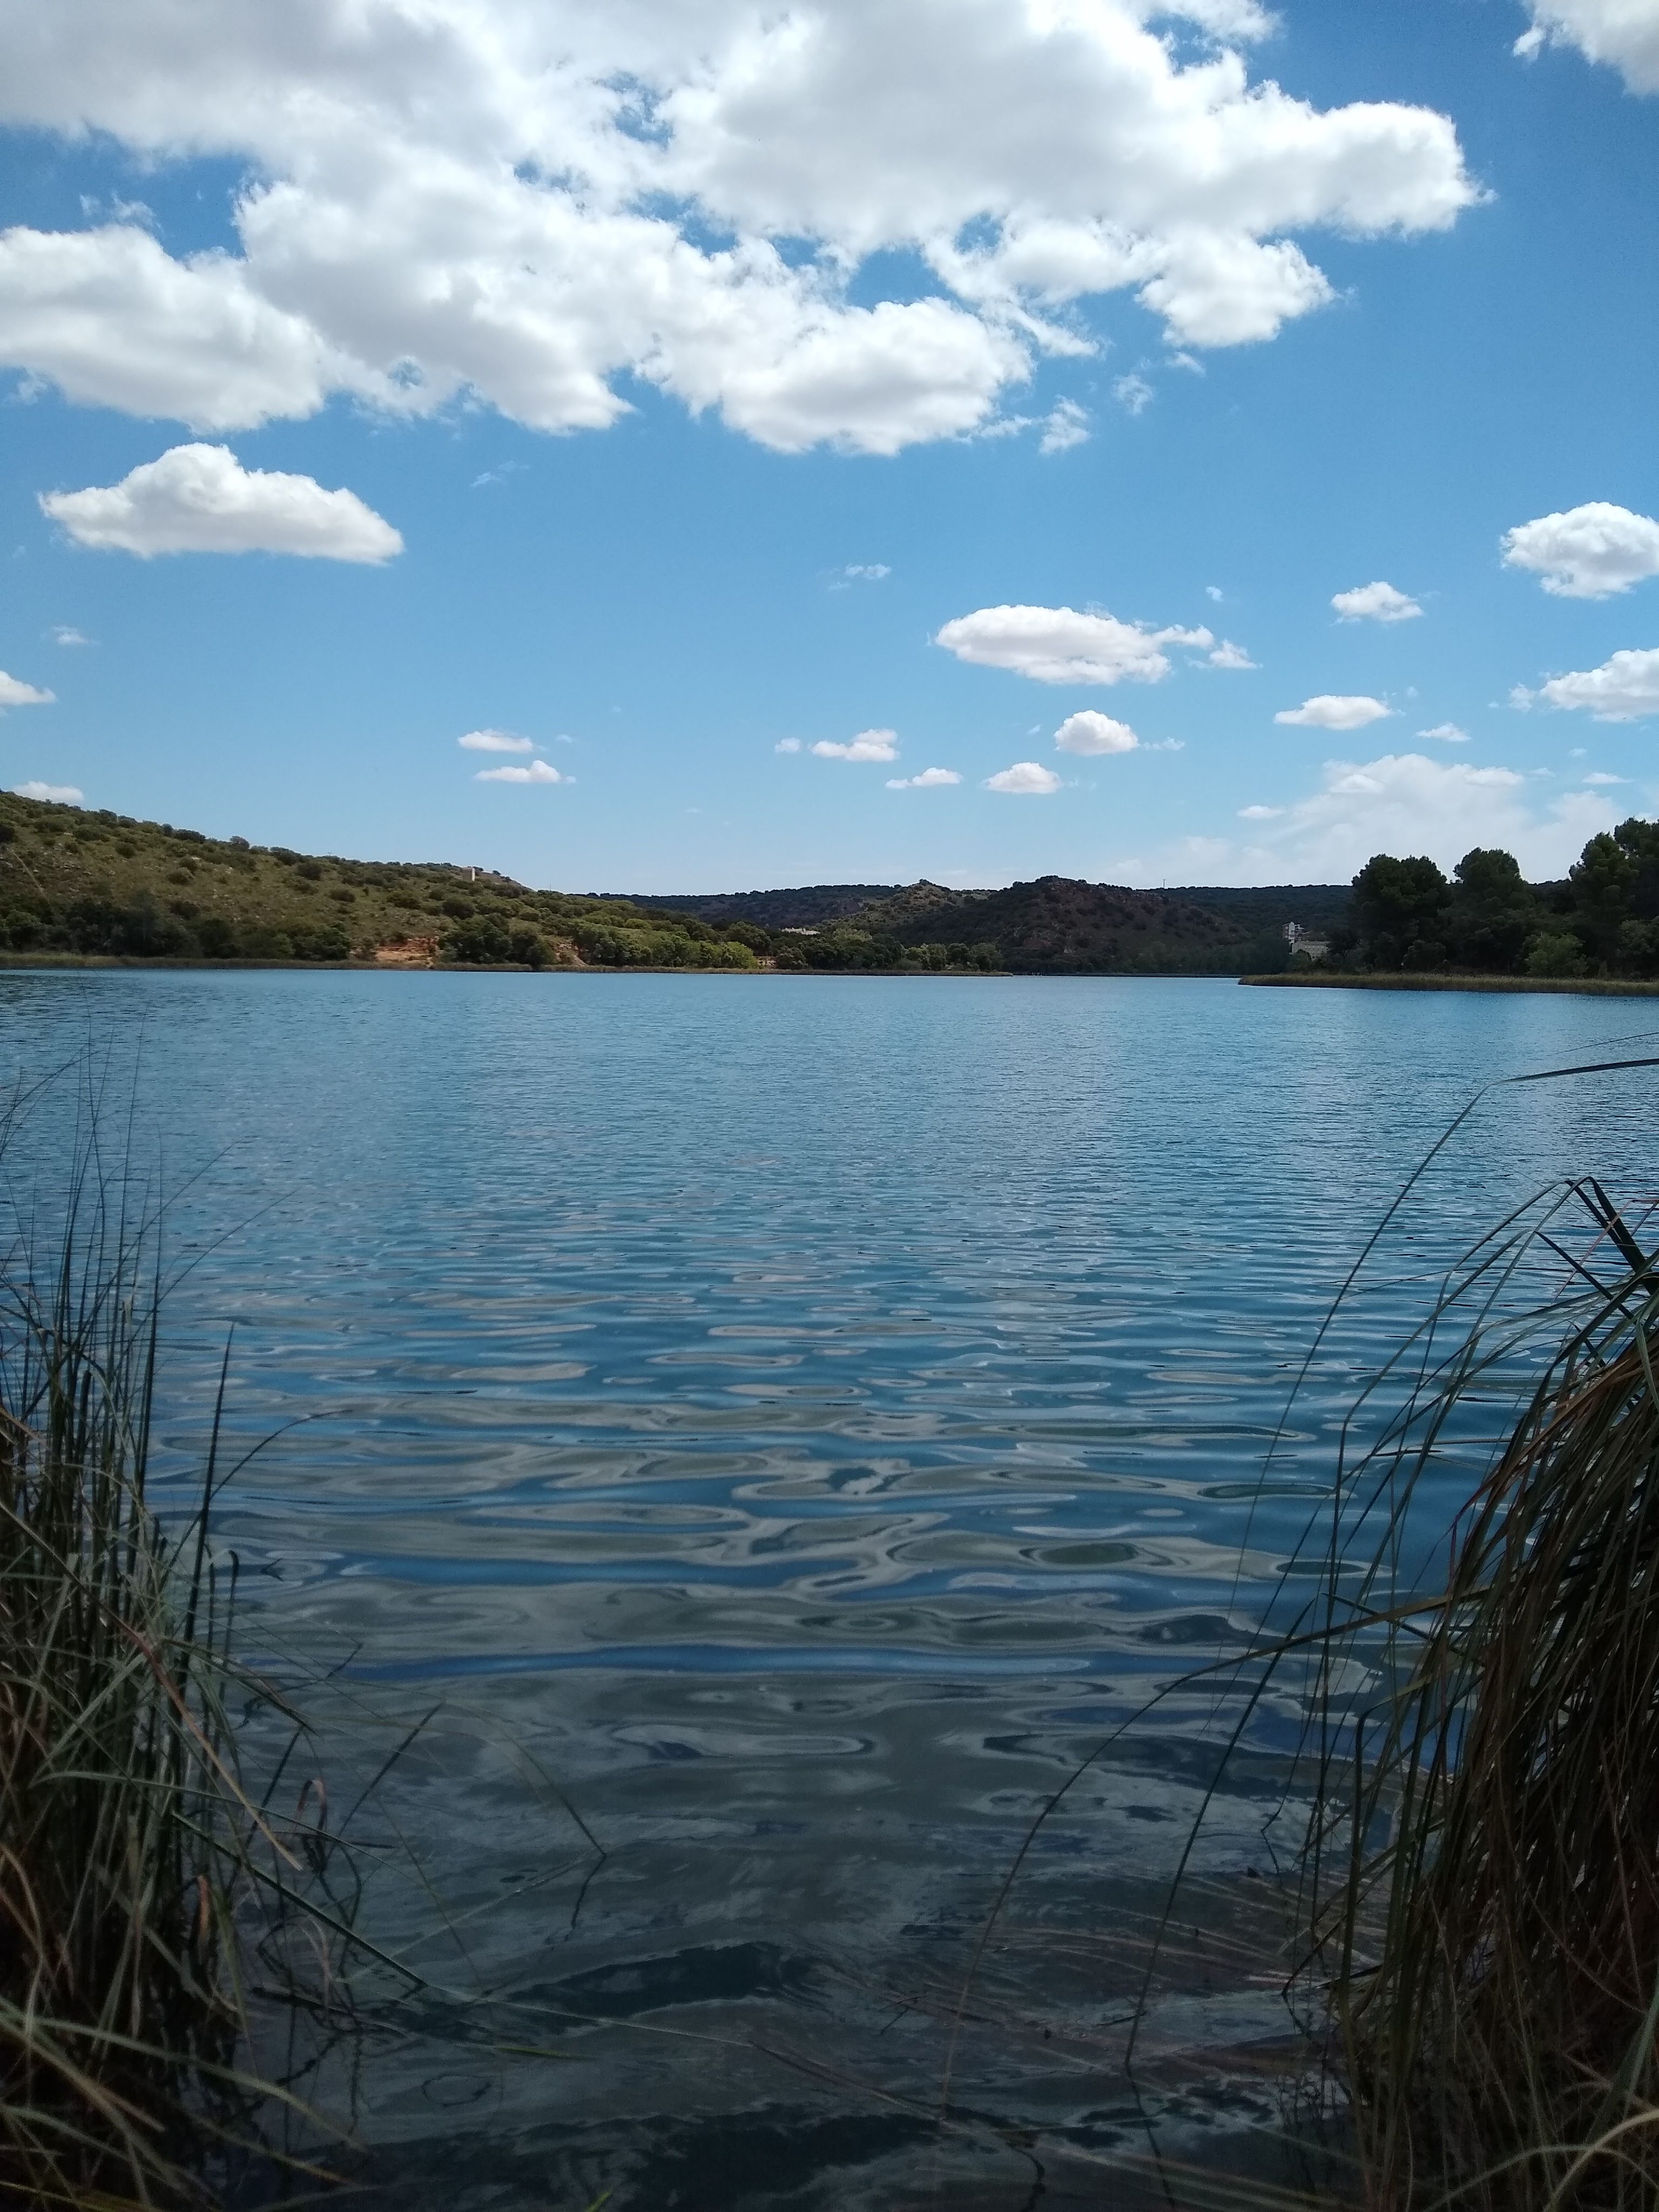 Las tranquilas aguas de la Laguna de la Colgada forman un paisaje muy relajante que invita a quedarse